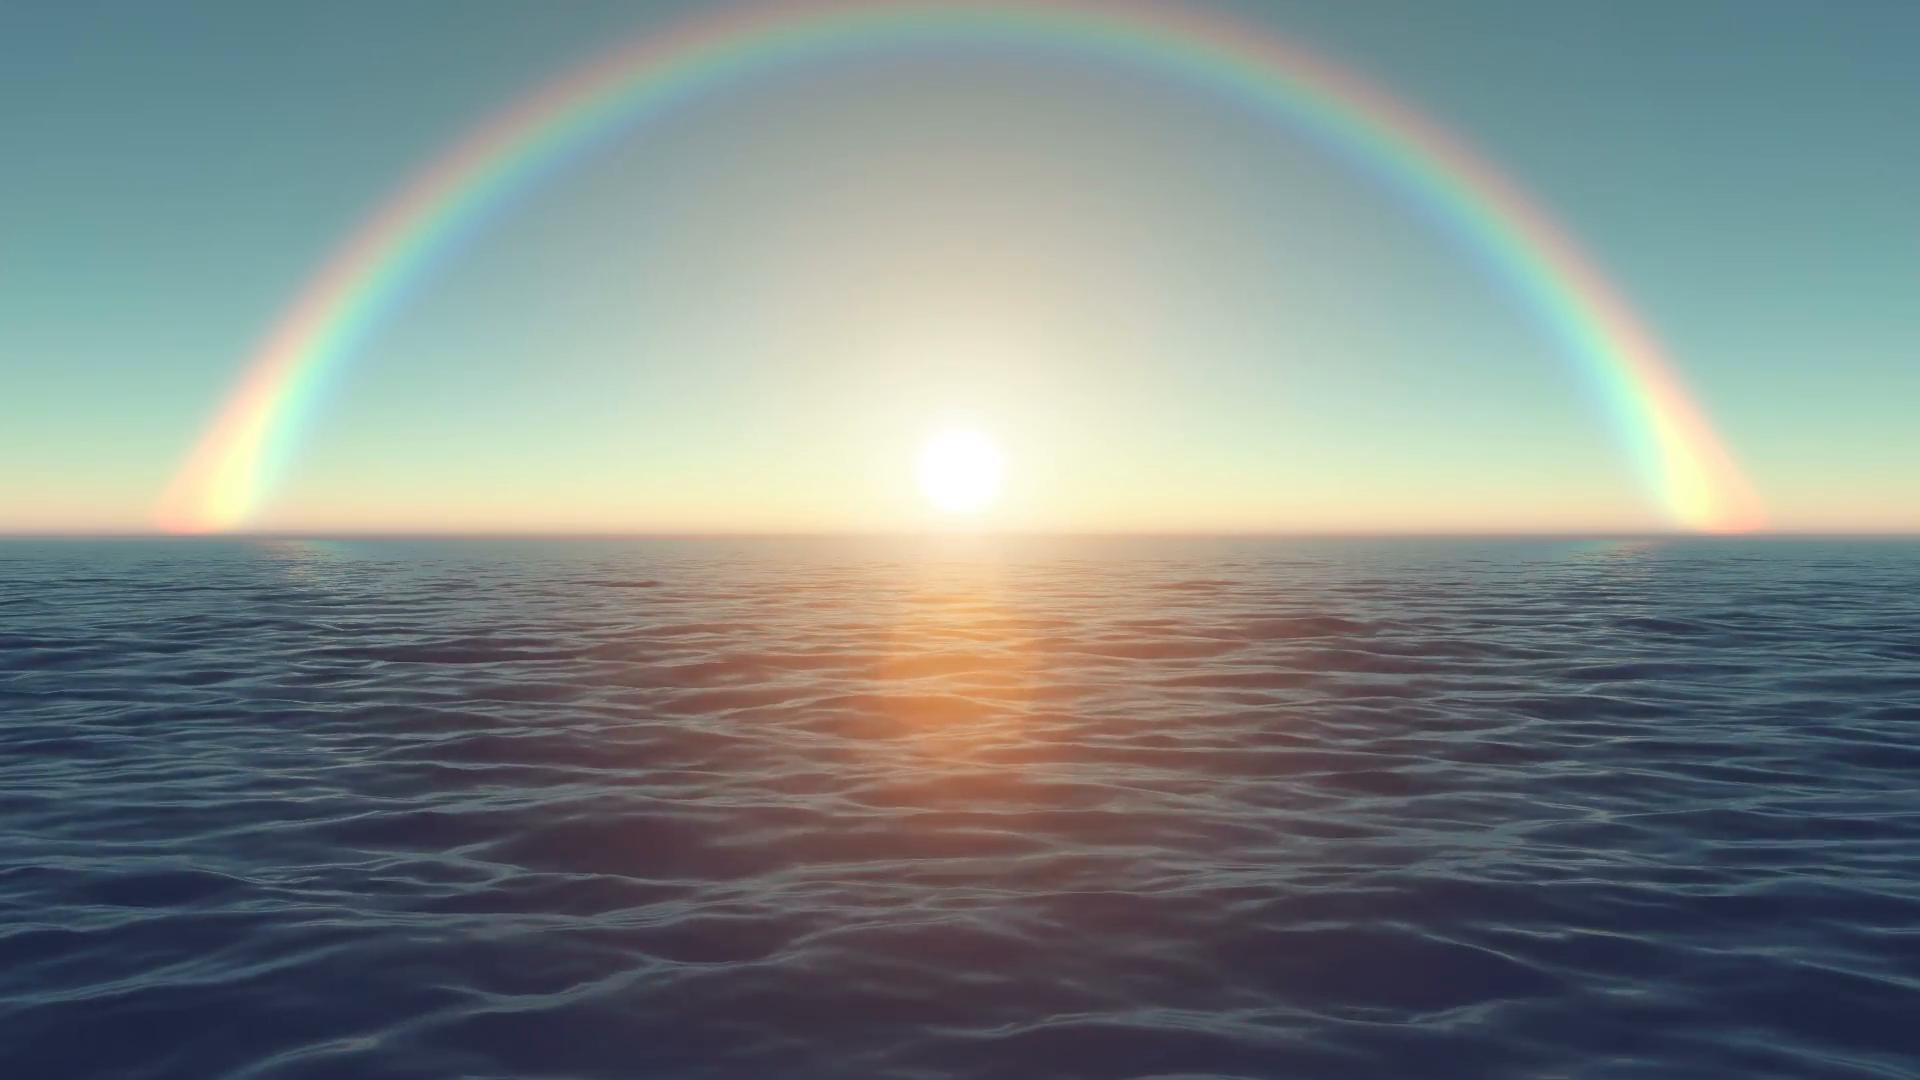 Ảnh bầu trời đẹp trên mặt biển với cầu vồng